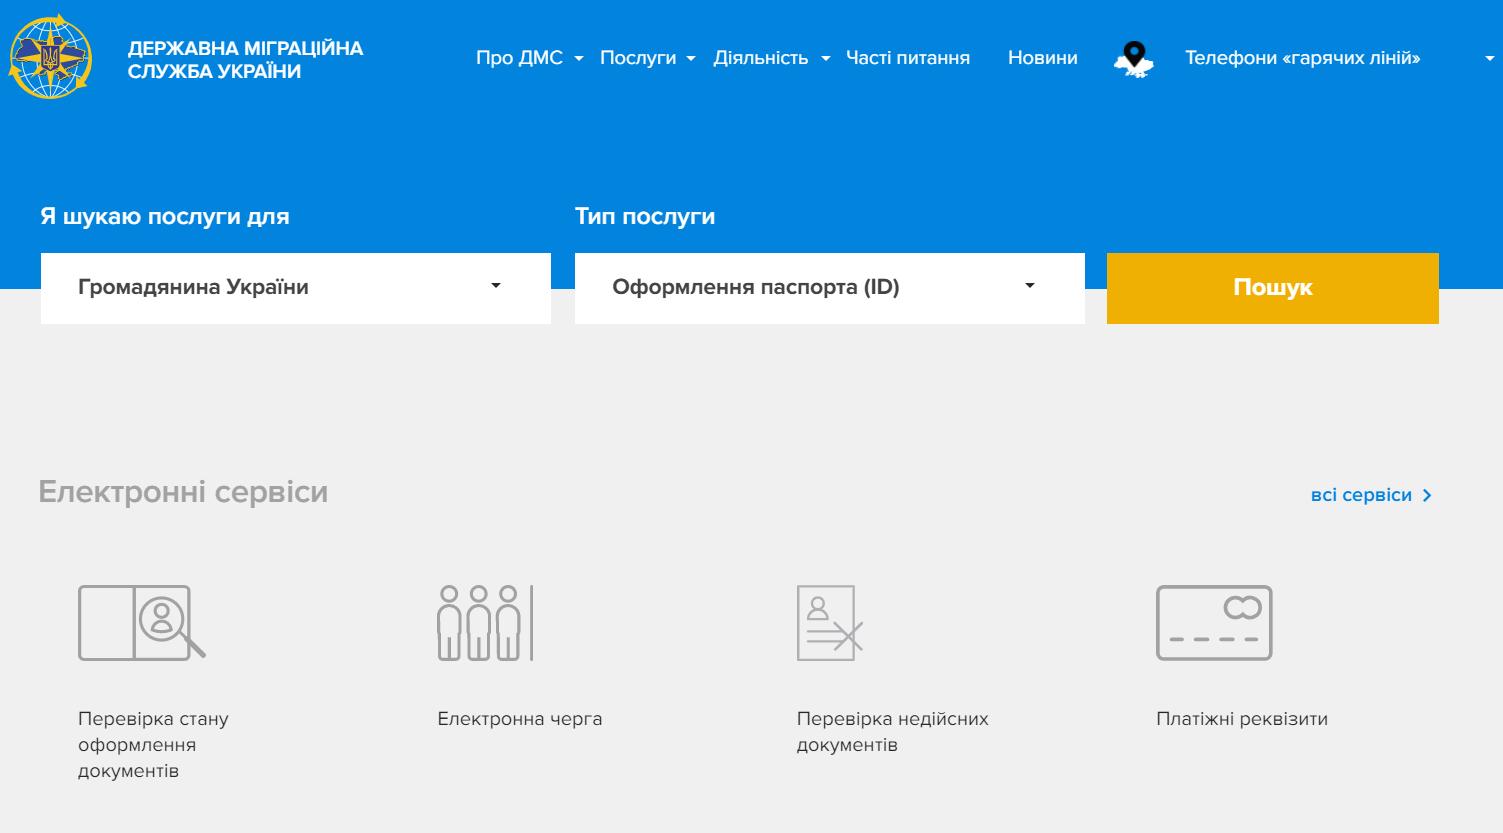 Сайт Миграционной службы Украины